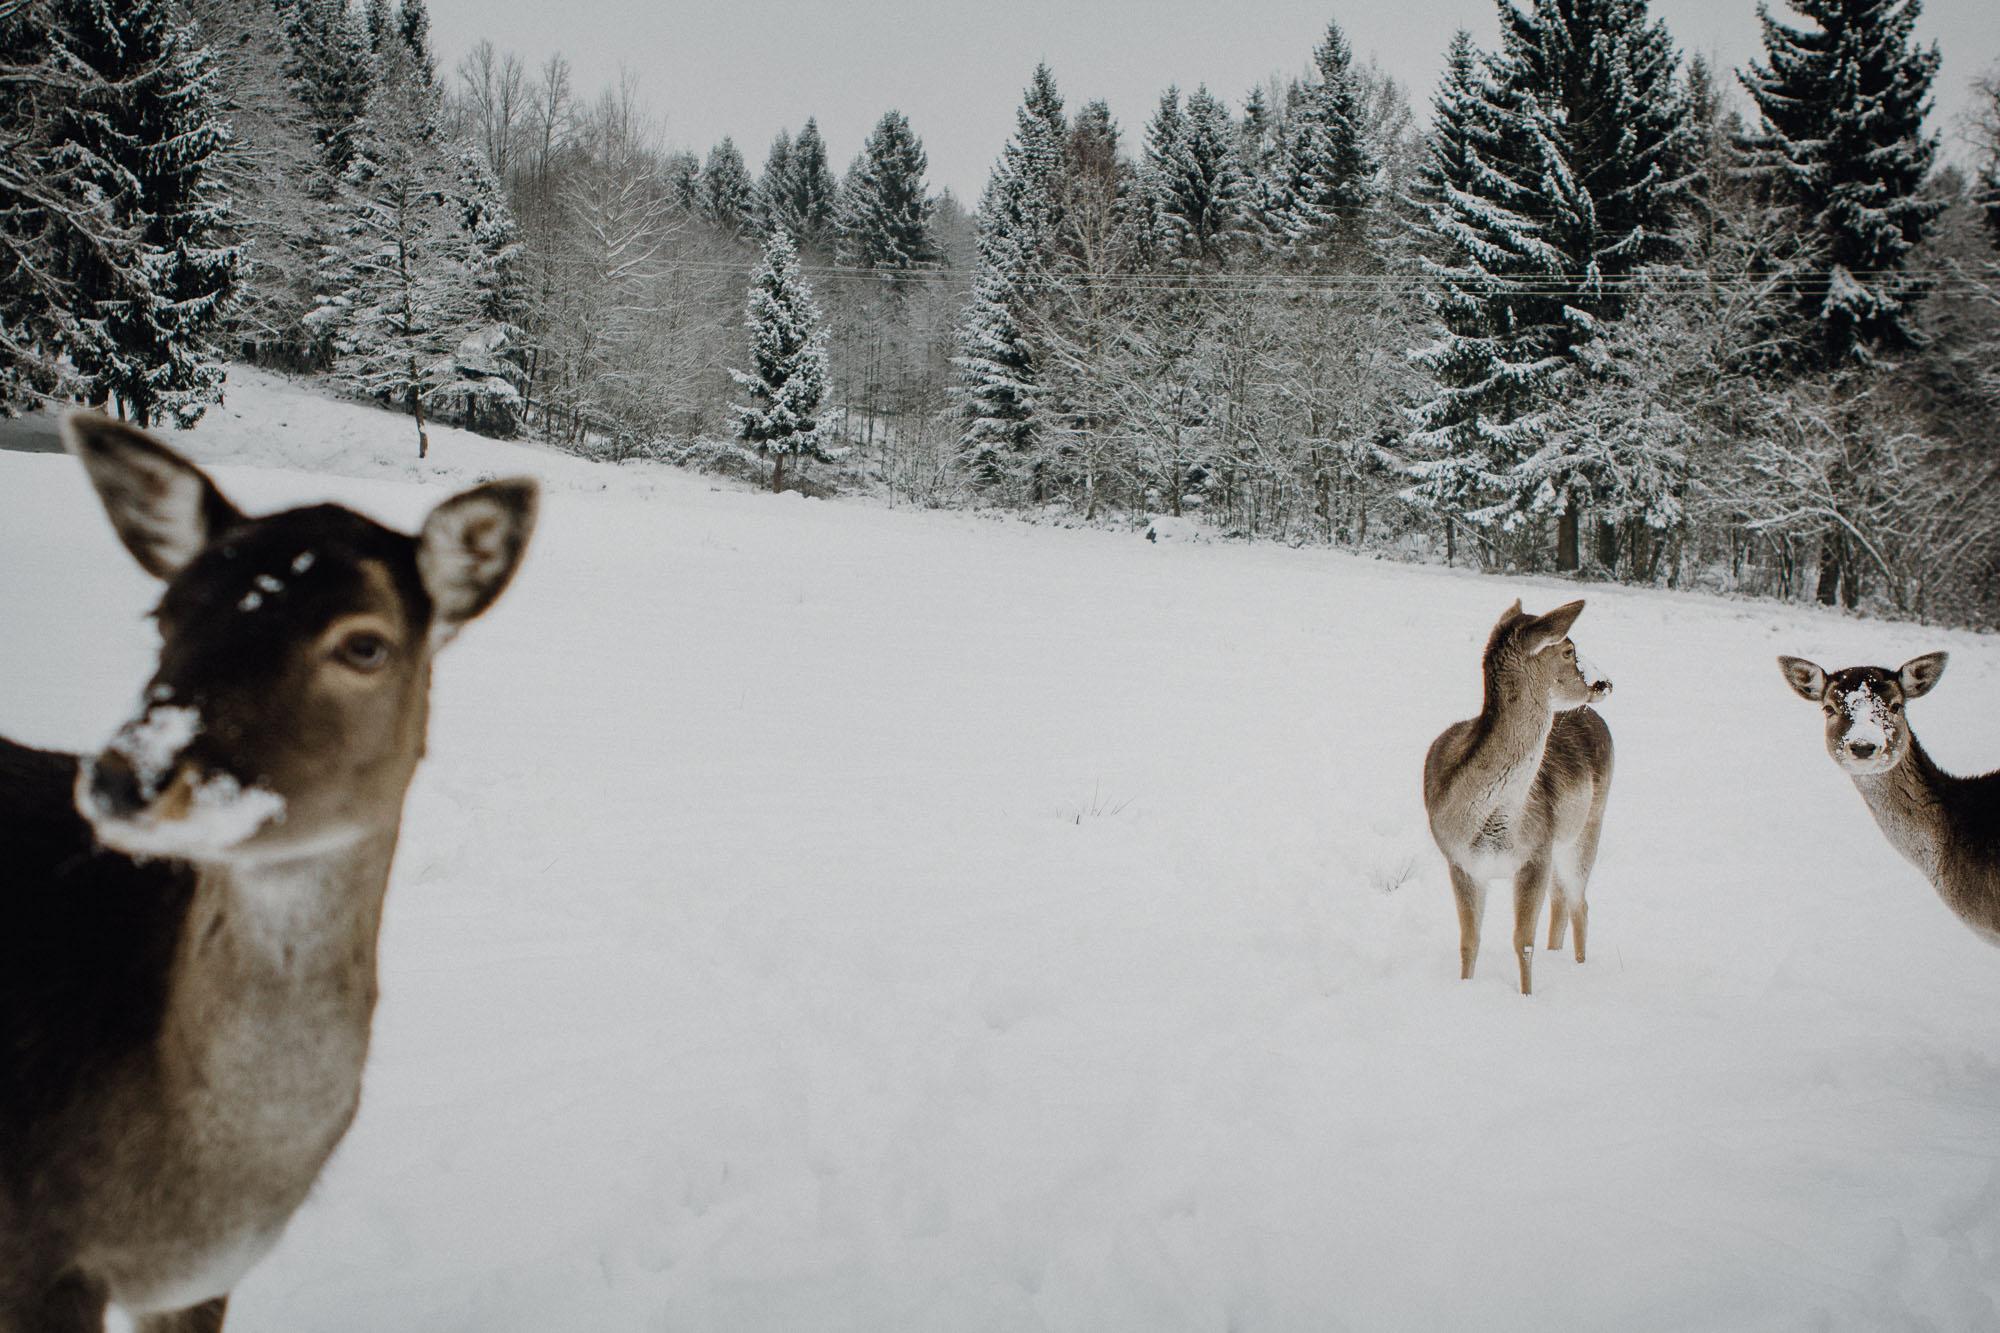 raissa simon photography destination wedding munich bayrischer wald winter snow 033 - Christine + Benjamin